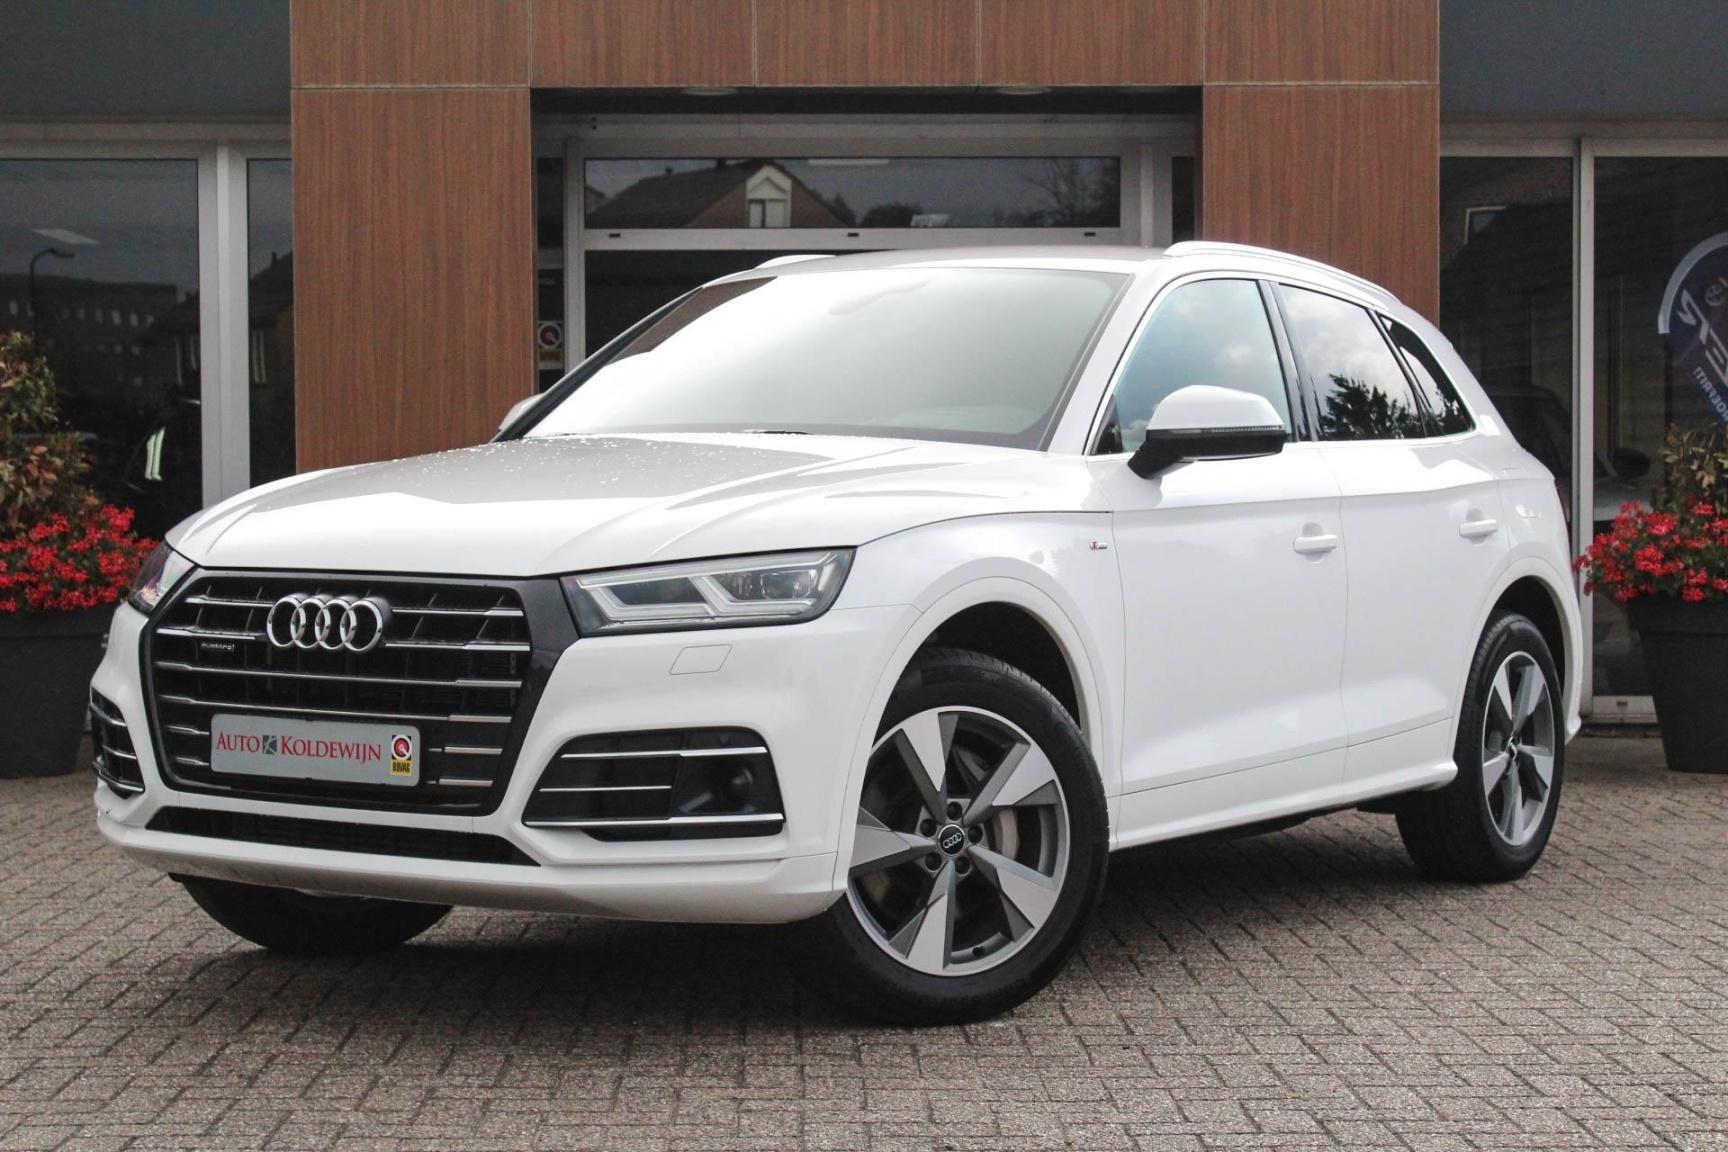 Audi-Q5-0